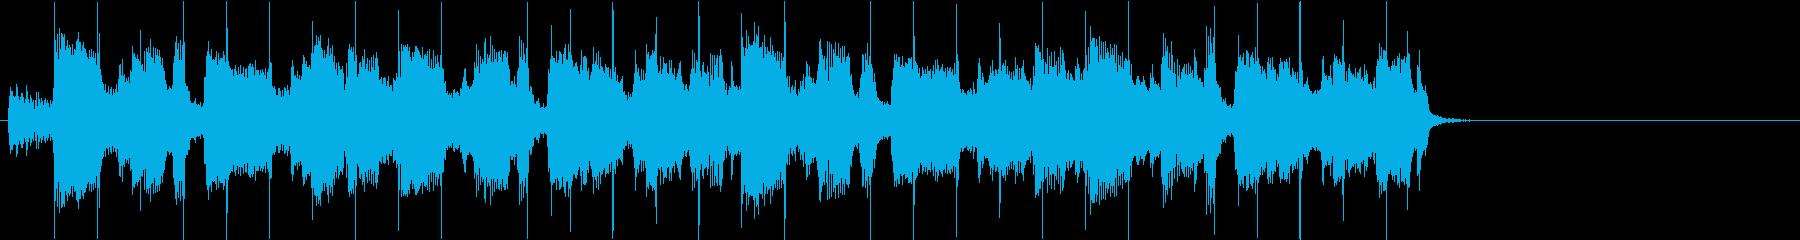 生楽器系メインでリズミカルなBGMの再生済みの波形